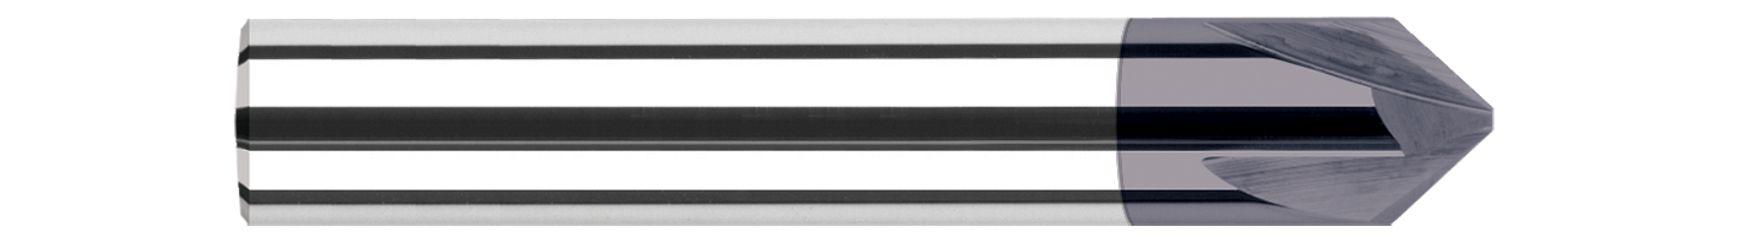 tool-details-981220-C3